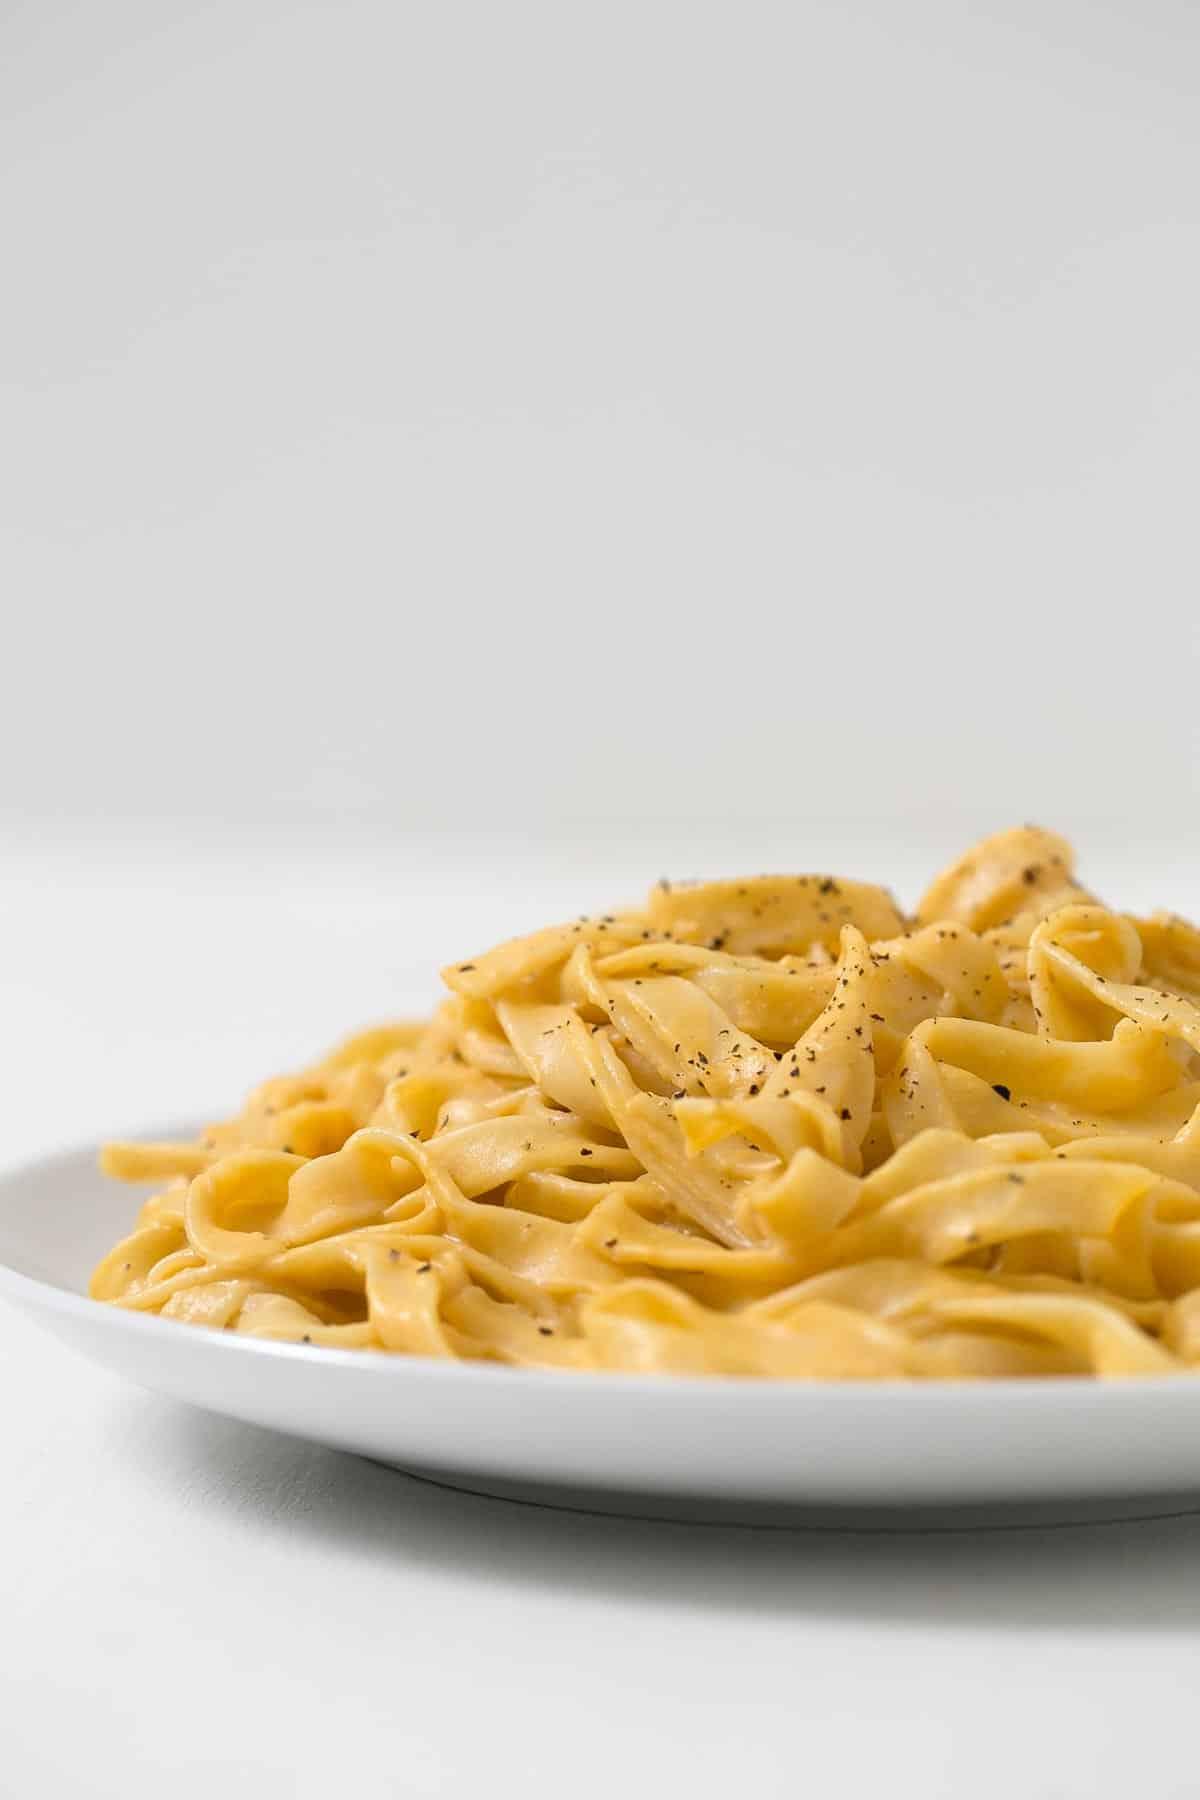 Pasta Alfredo de calabaza. - Esta receta de pasta Alfredo de calabaza es muy cremosa, ligera, rápida y fácil de hacer. Además es perfecta para el día a día.